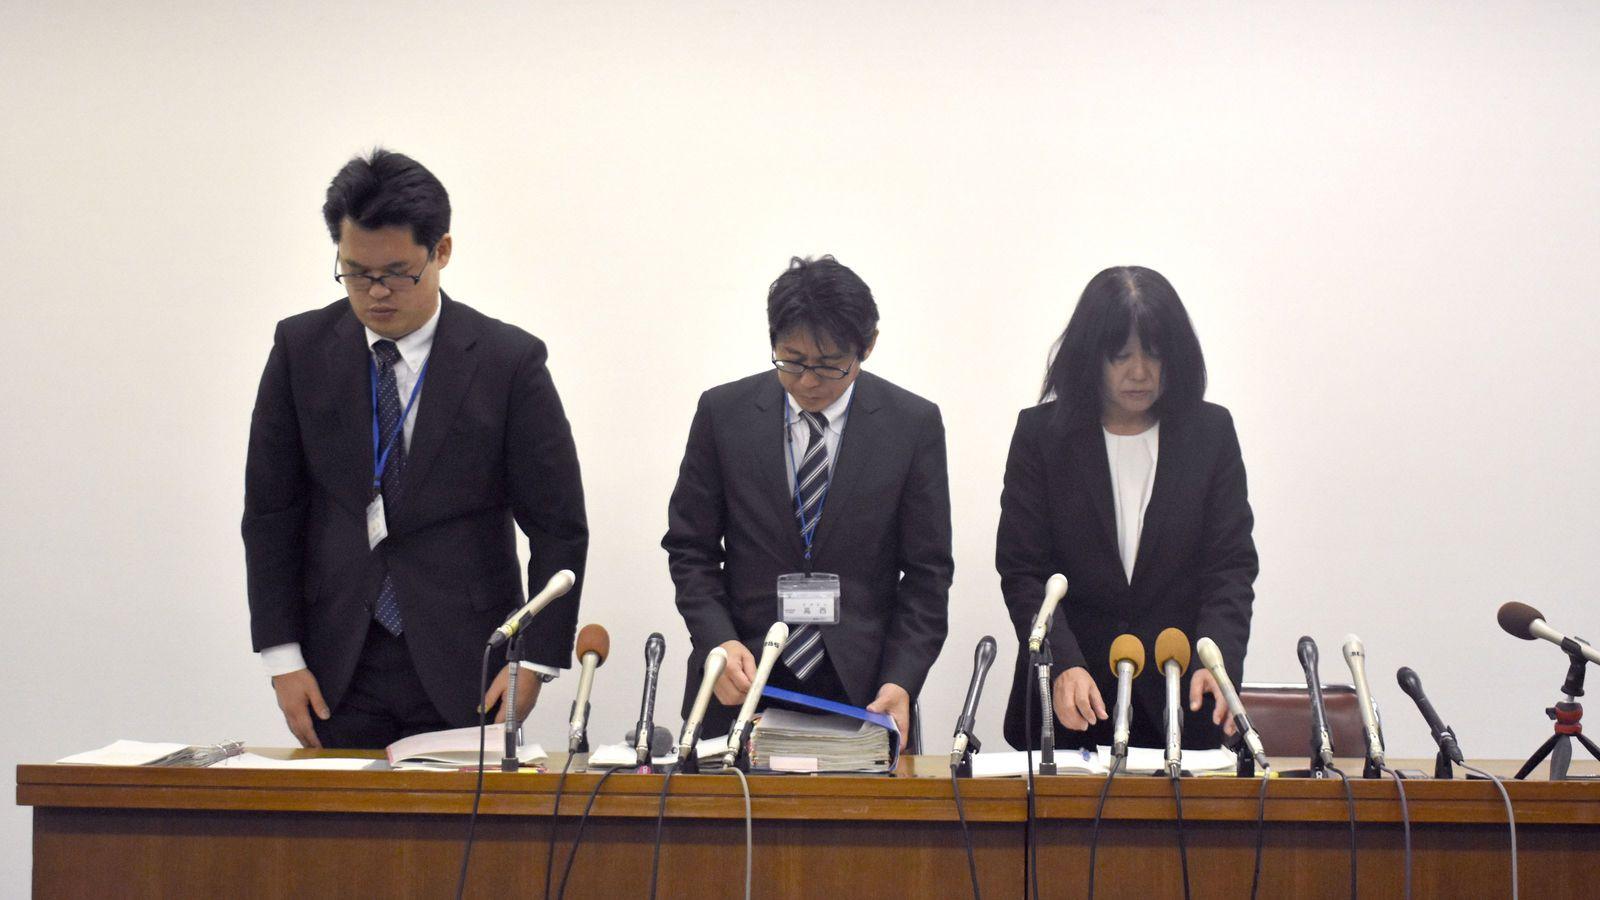 「神戸のイジメ教師」は、なぜ野放しだったのか 新卒でも「先生」になれる歪んだ環境